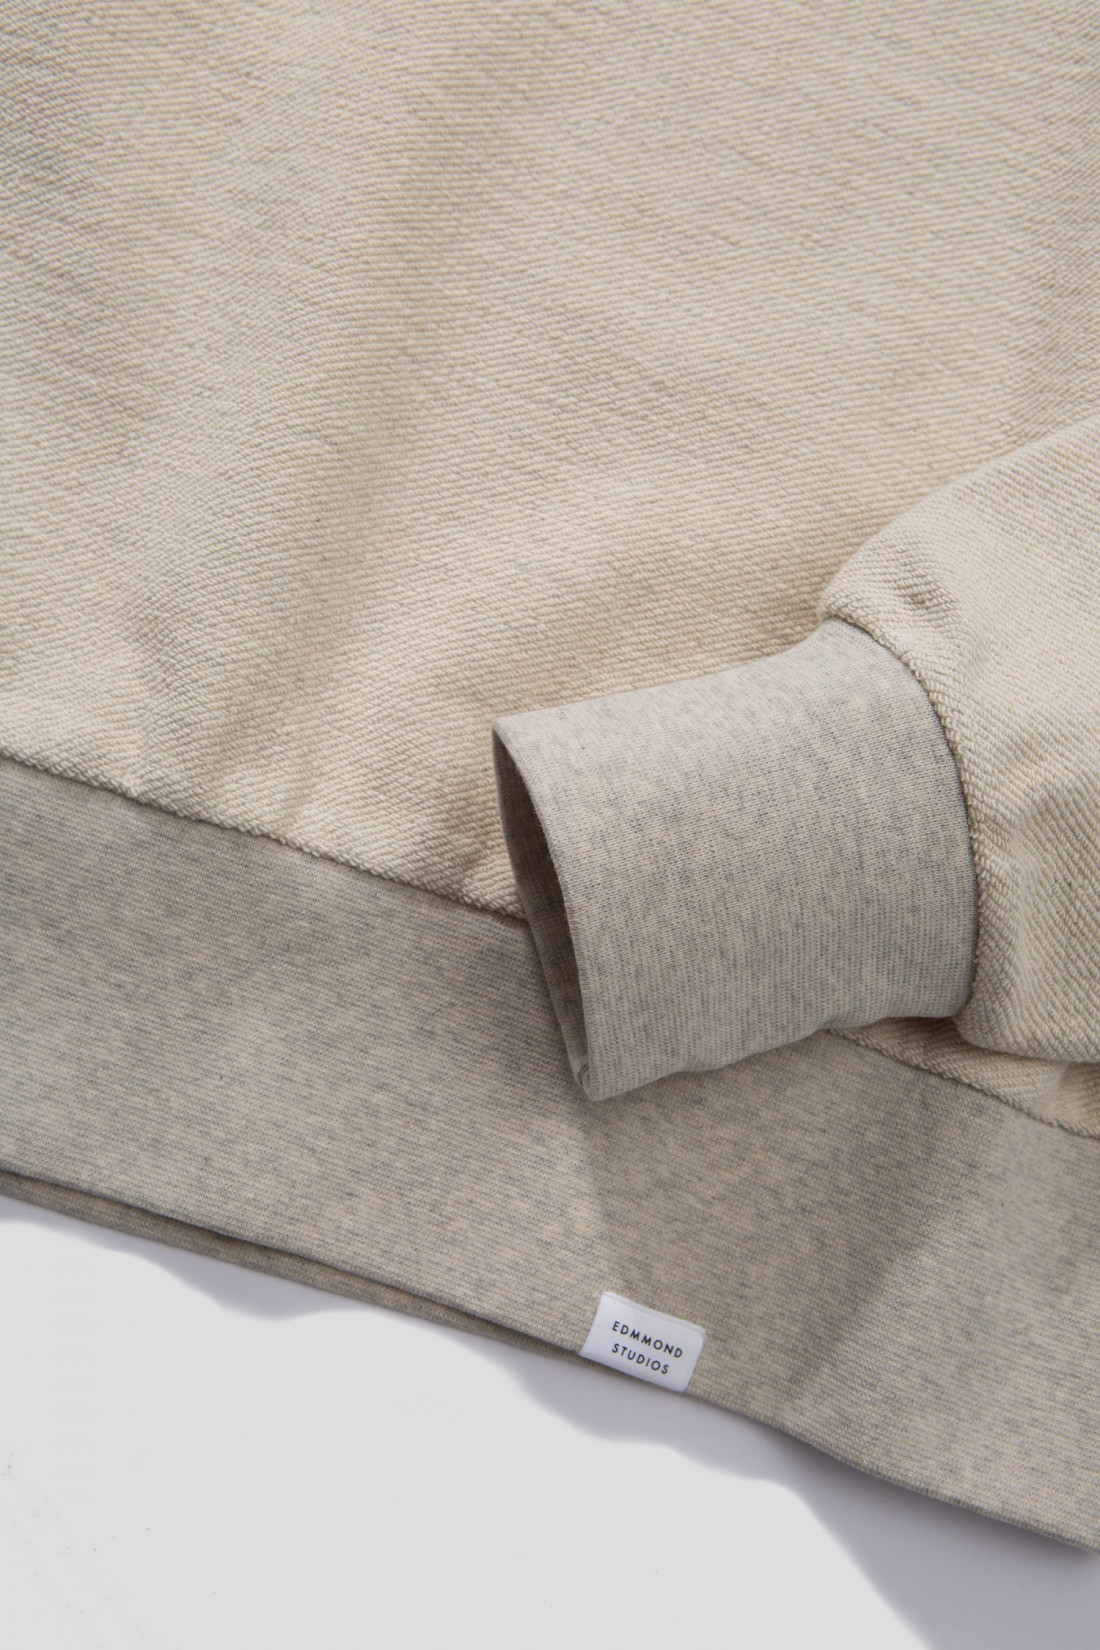 Sudadera grey, cuello redondo, manga larga, corte recto. Punto acanalado en cuello, puños y bajo